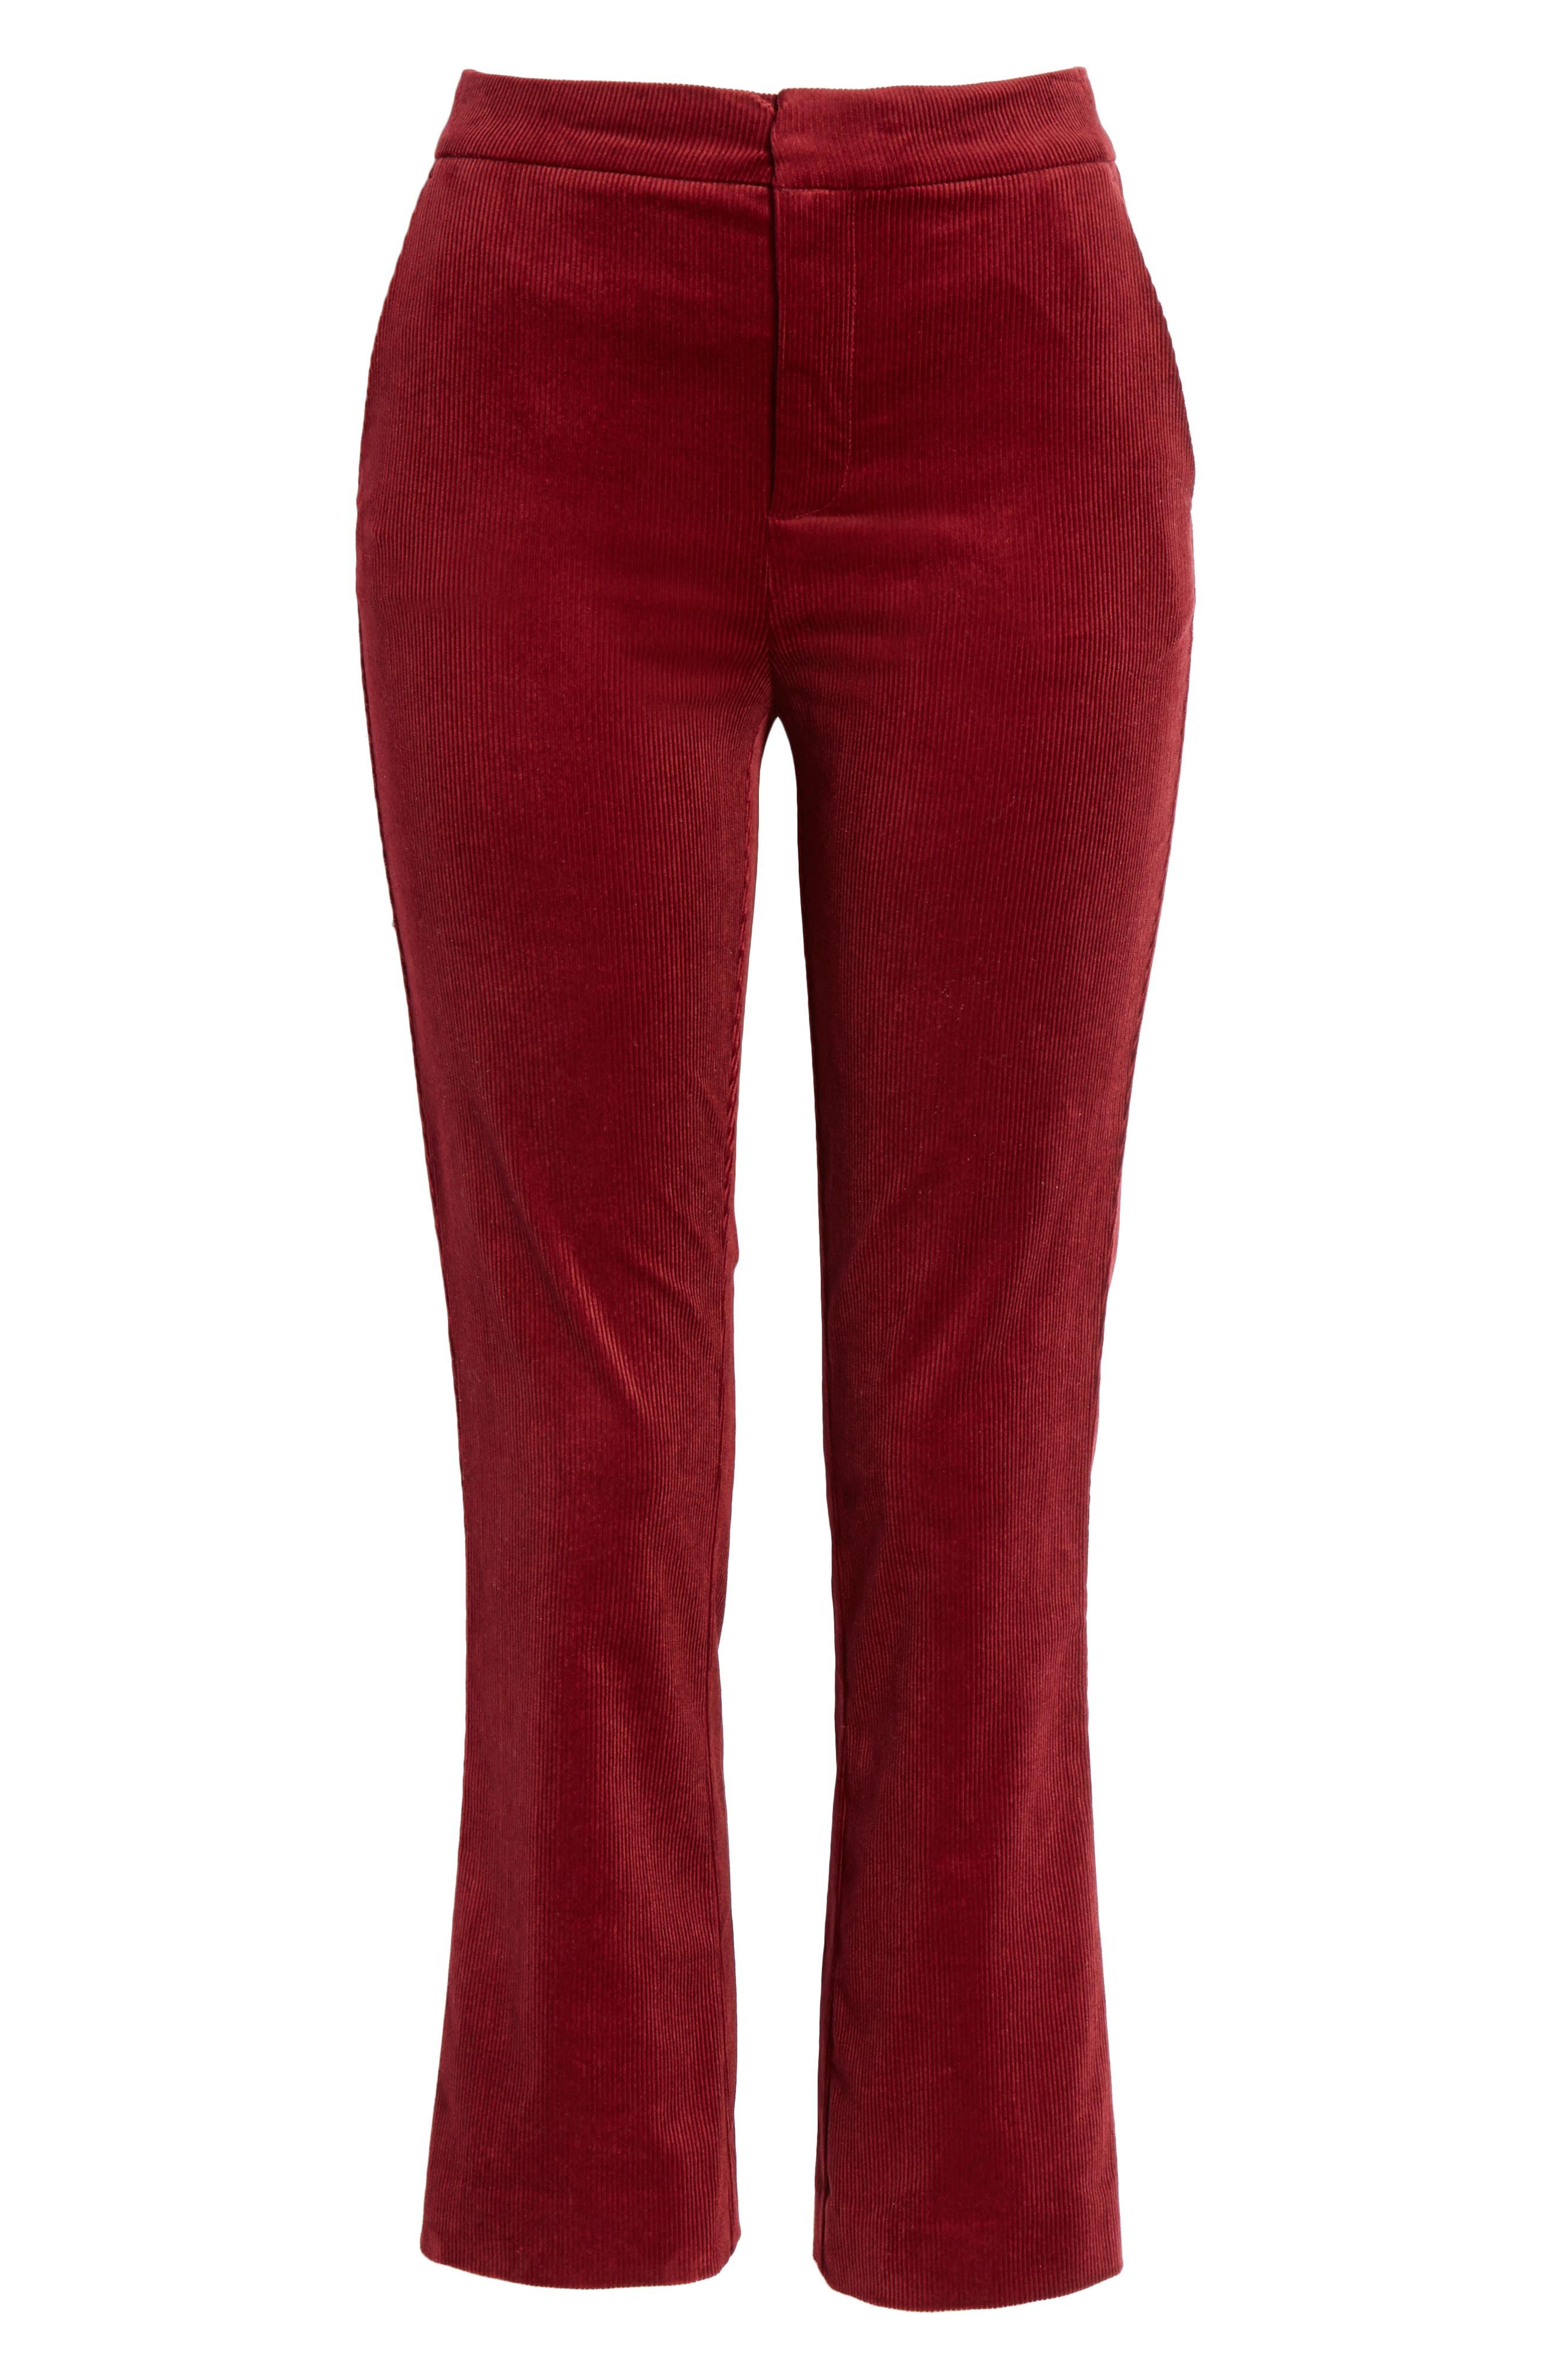 Marcena Velvet Crop Flared Pants,                             Alternate thumbnail 6, color,                             BLACKBERRY